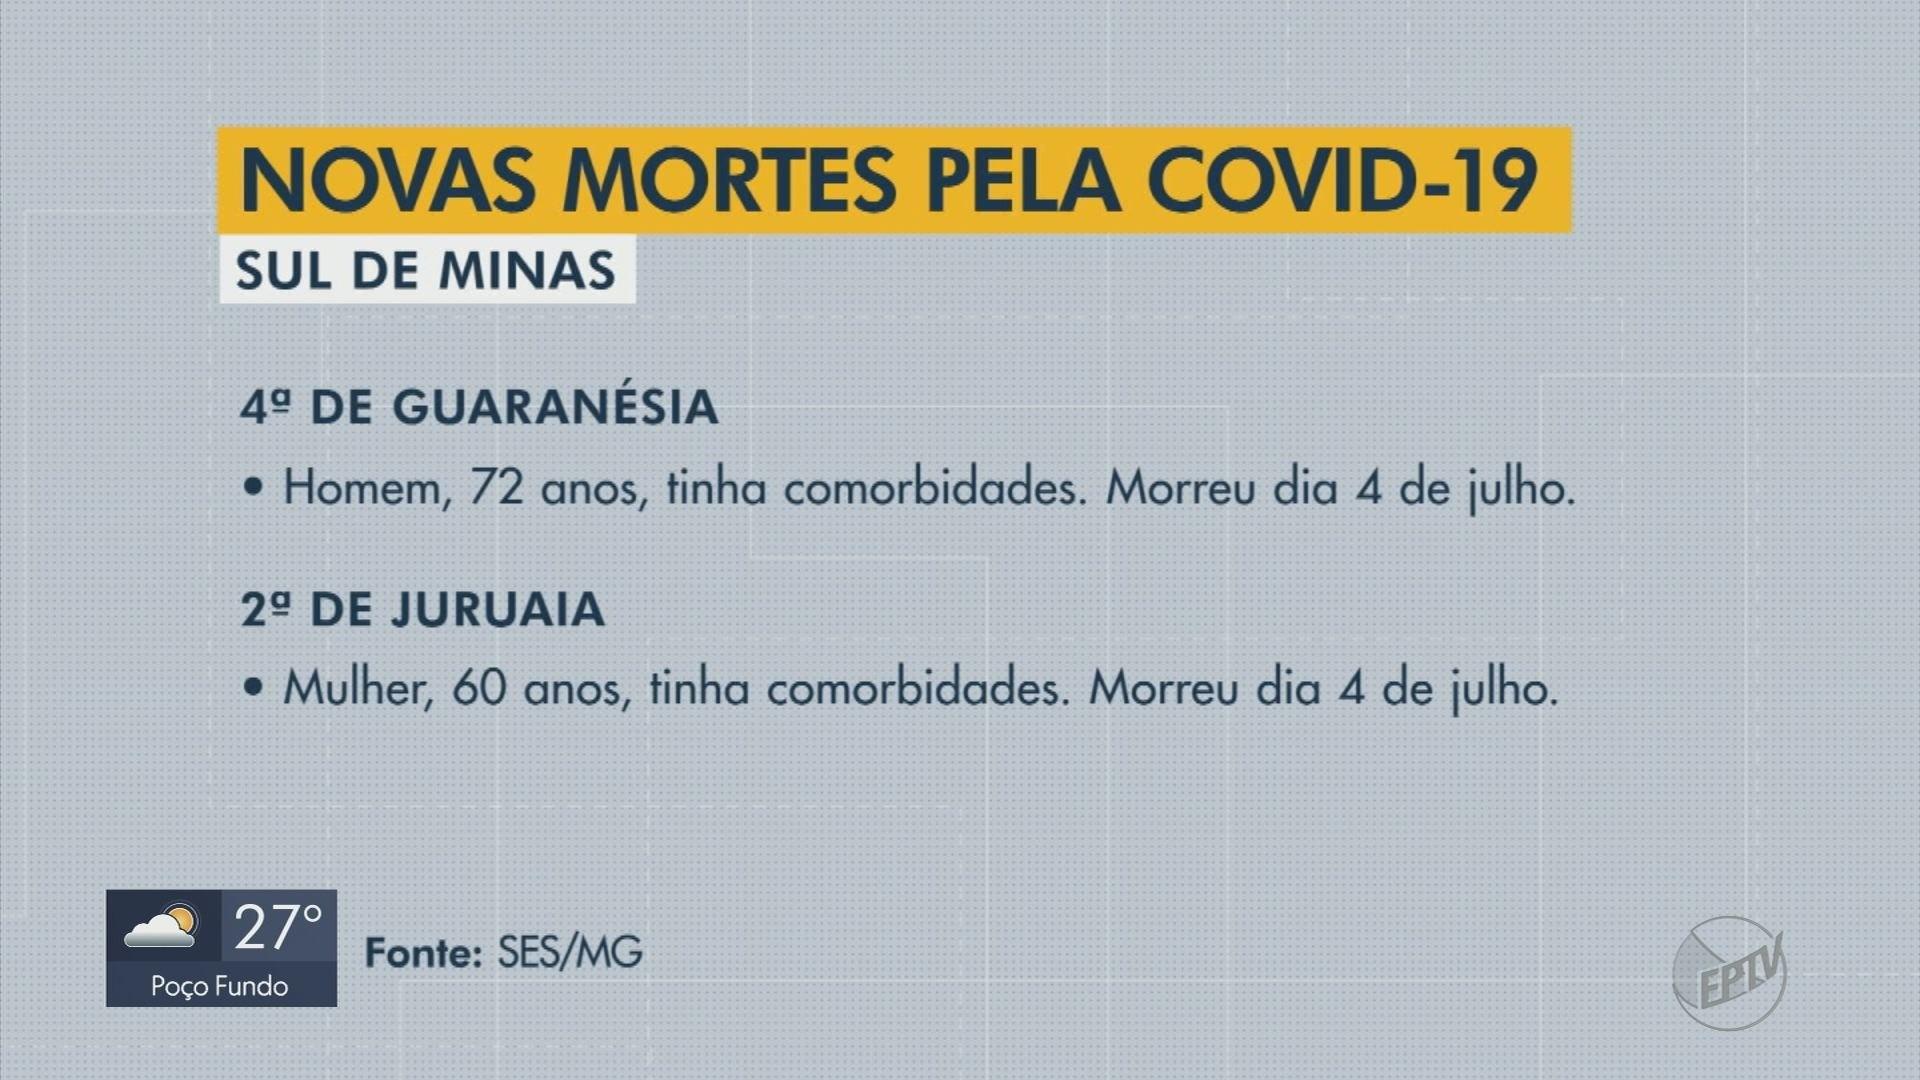 VÍDEOS: EPTV 1 Sul de Minas de segunda-feira, 6 de julho